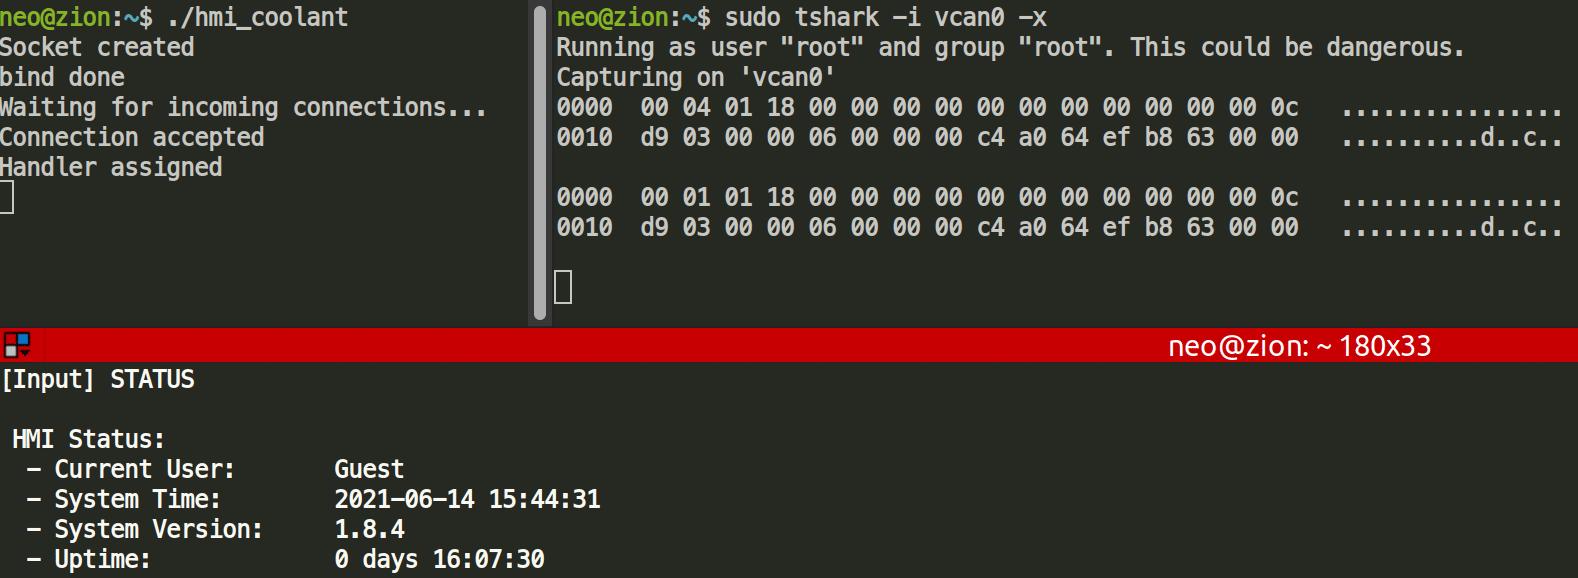 tshark monitoring results